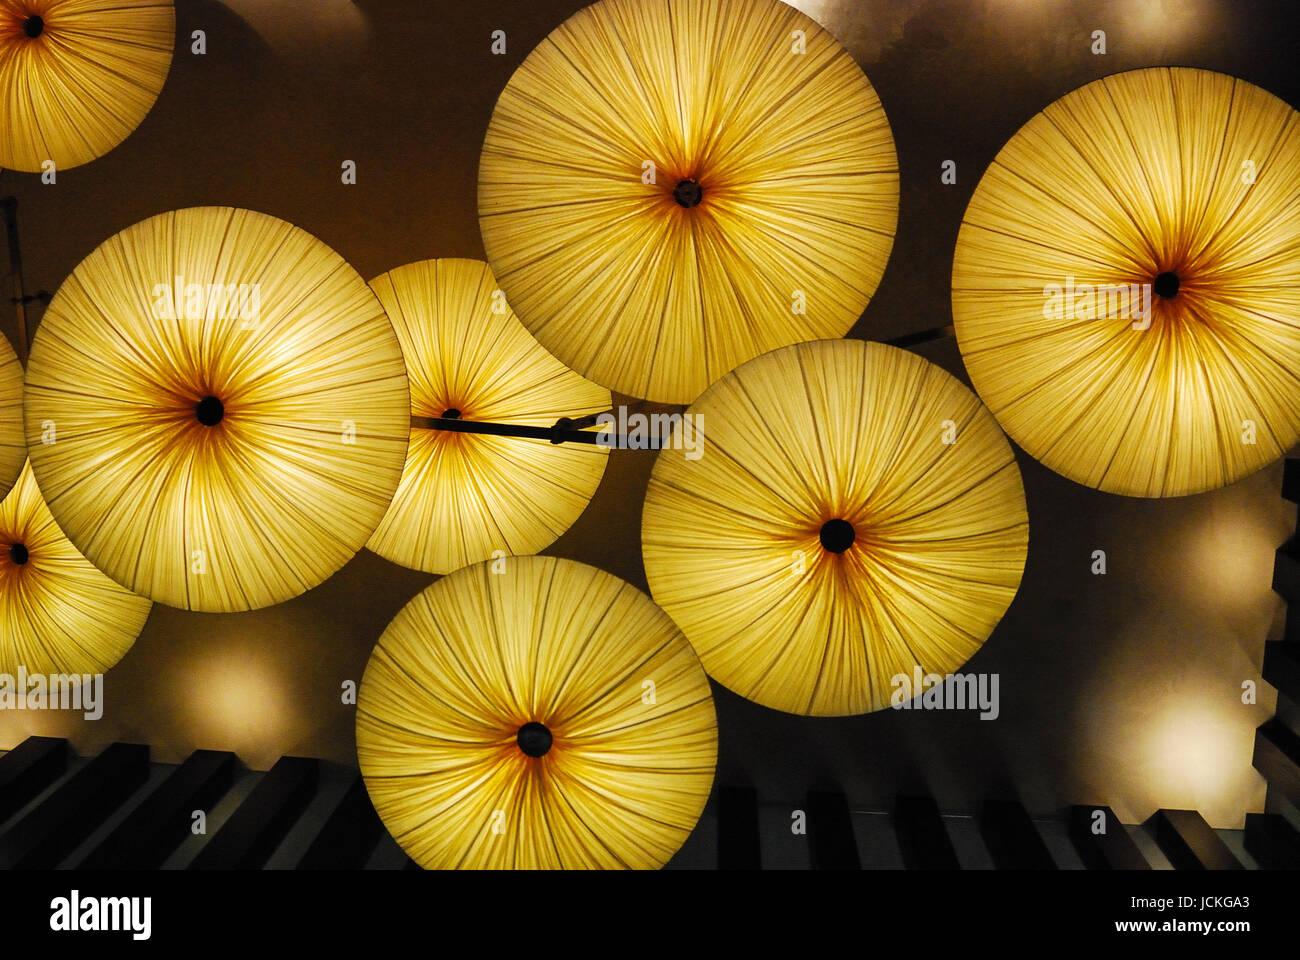 Ombrelli illuminato dal basso con inquadratura parziale Immagini Stock